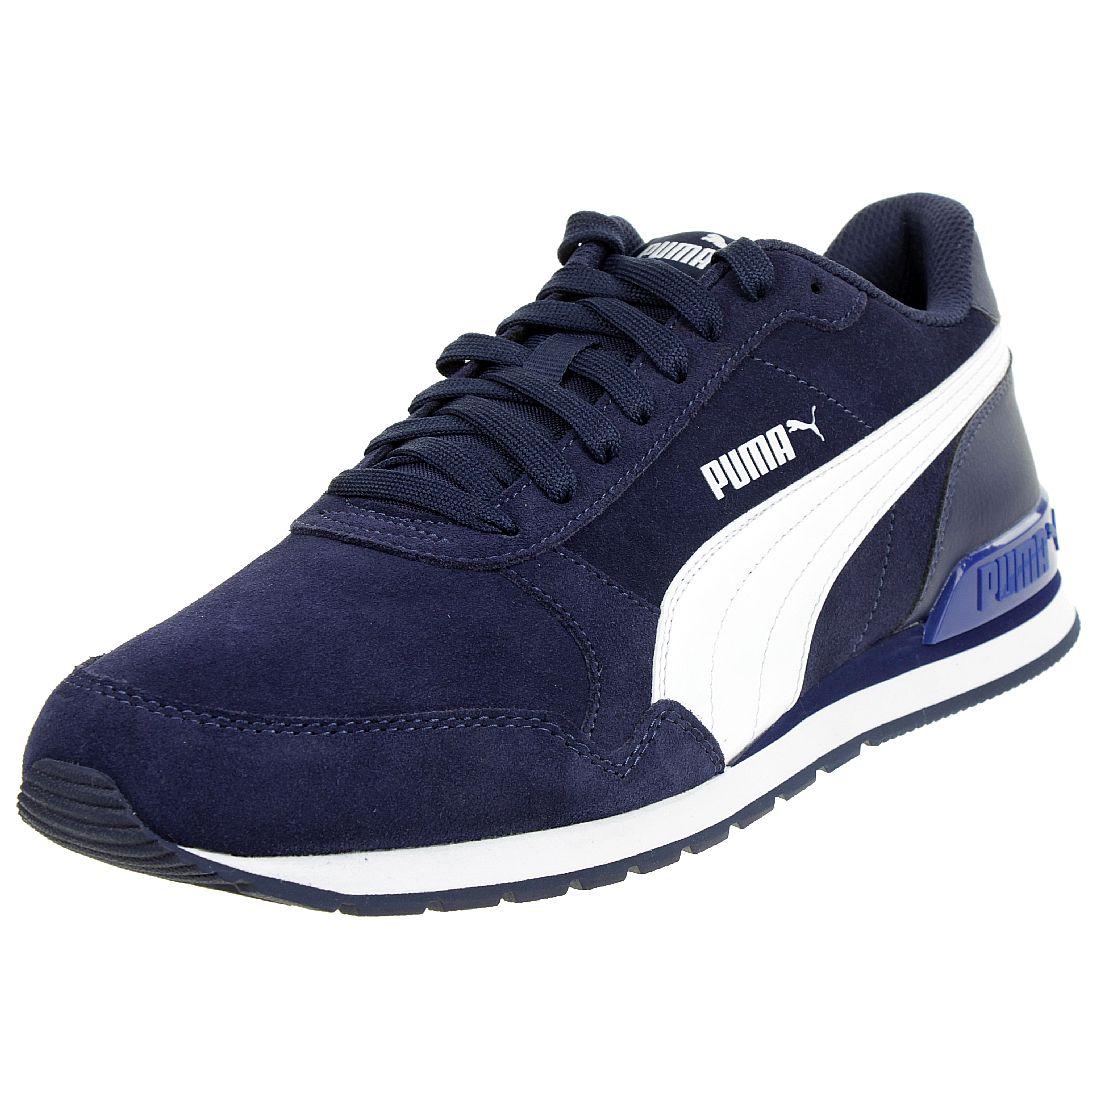 Puma ST Runner v2 SD Sneaker Schuhe 365279 10 Herren Schuhe